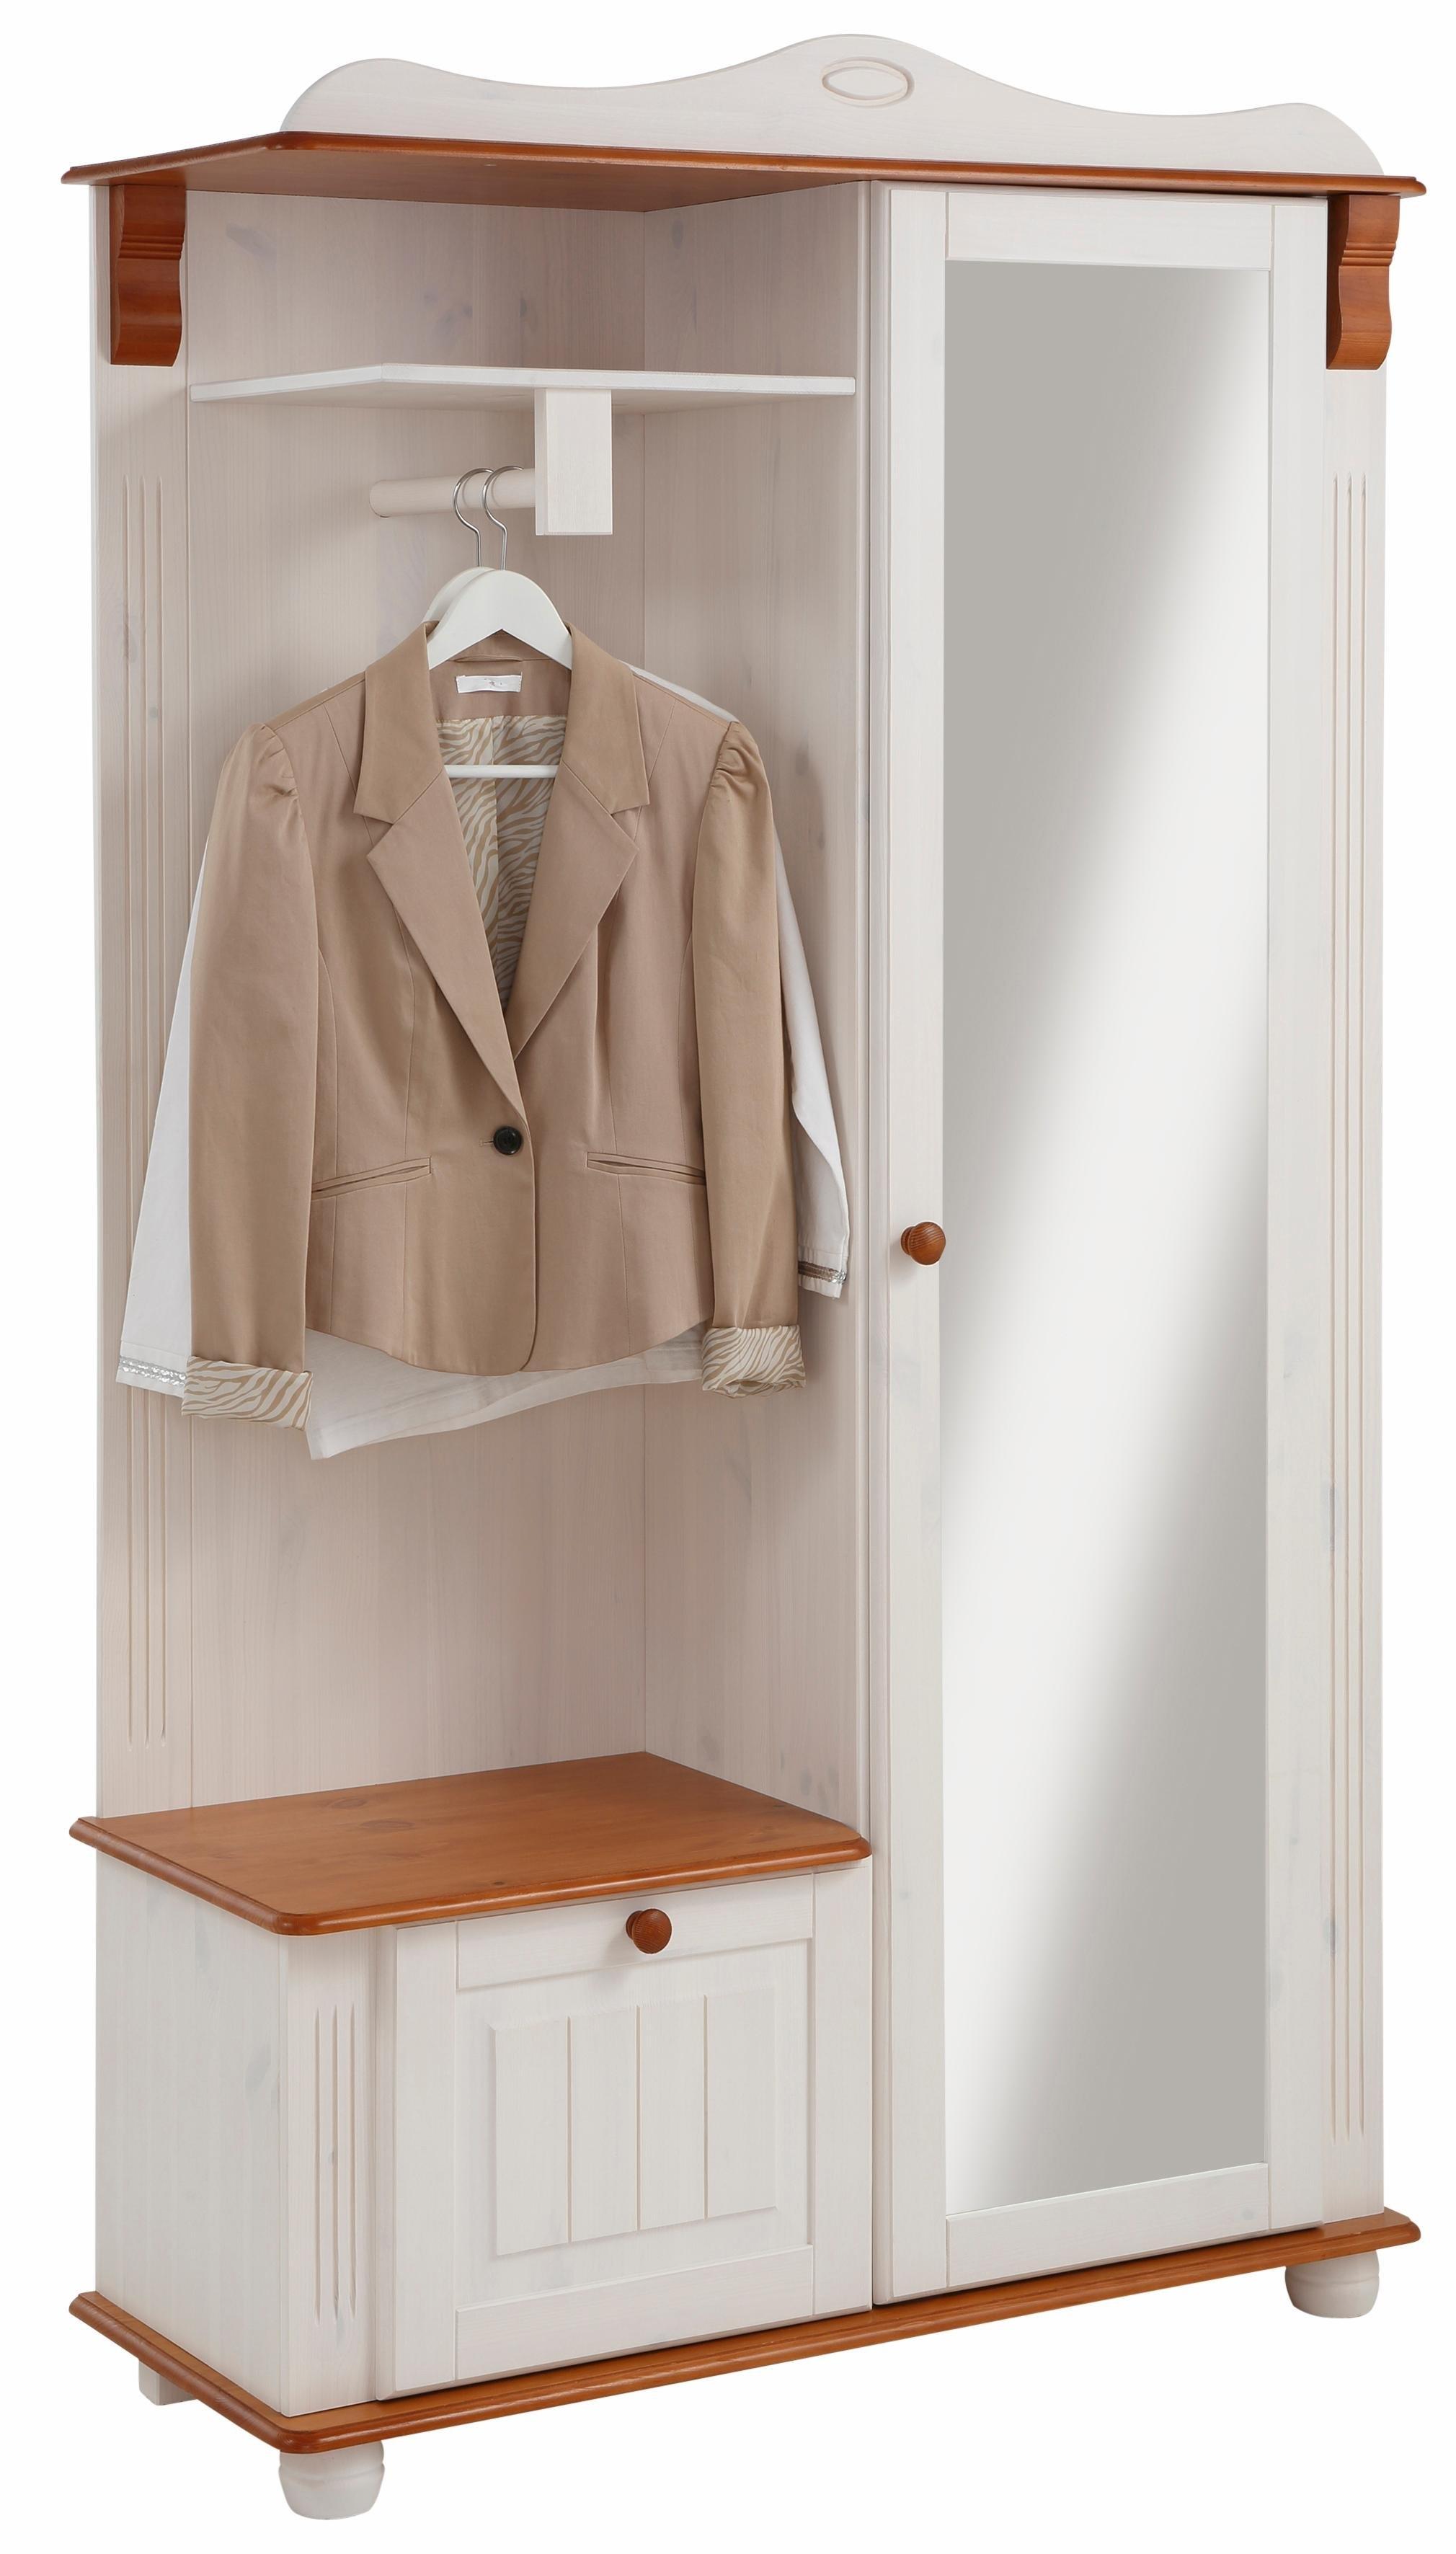 Home affaire compact garderobemeubel »Adele« voordelig en veilig online kopen